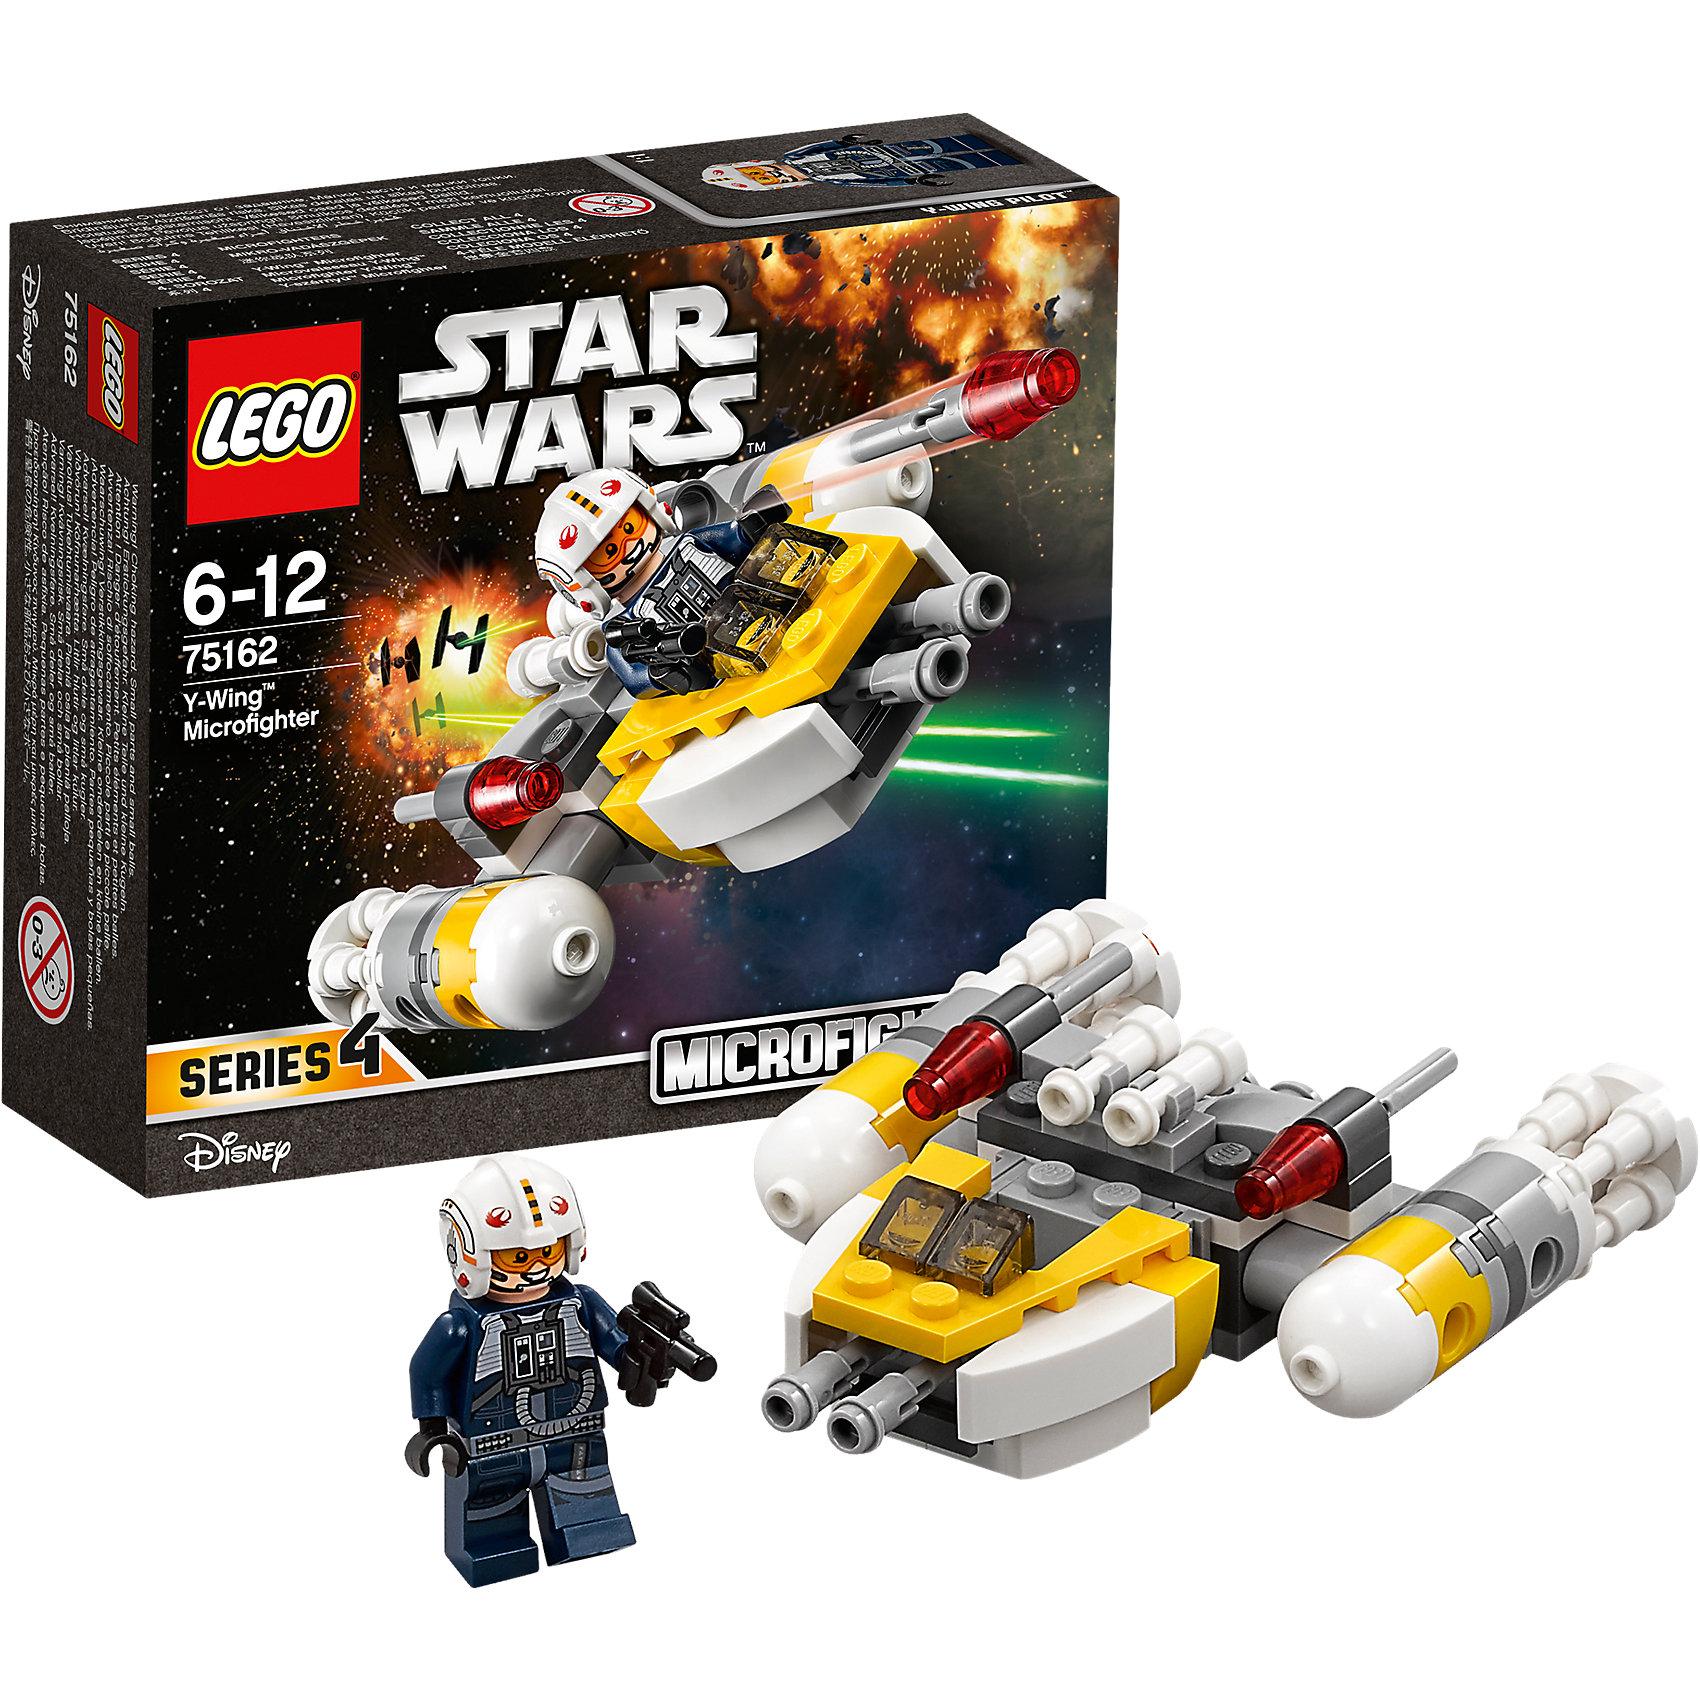 """LEGO Star Wars 75162: Микроистребитель типа YПластмассовые конструкторы<br>LEGO Star Wars 75162: Микроистребитель типа Y<br><br>Характеристики:<br><br>- в набор входит: детали истребителя, 1 фигурка, аксессуары, инструкция<br>- состав: пластик<br>- количество деталей: 90<br>- примерное время сборки: 25 минут<br>- размер истребителя: 10 * 3 * 8 см.<br>- для детей в возрасте: от 6 до 12 лет<br>- Страна производитель: Дания/Китай/Чехия/<br><br>Легендарный конструктор LEGO (ЛЕГО) представляет серию """"Звездные Войны"""" с героями одноименных фильмов. В набор входит Микроистребитель и фигурка пилота-повстанца. Отличная детализация комбинезона пилота добавляет фигурке реалистичности, а аксессуары в виде шлема с встроенными наушниками и бластера помогут выполнить даже самую сложную миссию. Пилот имеет два выражения лица и нарисованные средства связи и очки пилота. Судьба микроистребителя связана с событиями фильма """"Изгой-один. Звёздные войны: Истории"""". Истребитель-бомбирдировщик оснащен фронтальными пушками и двумя системами запуска ракет в средней части корпуса. Ракеты с пружинным механизмом позволяют запускать их в процессе игры. Пилот отлично вмещается в свою кабину, оснащенную двумя прозрачными  деталями изображающими небольшое стекло. Два больших двигателя выглядят очень реалистично и состоят из нестандартных круглых лего-деталей, прозрачные красные части имитируют работу двигателя. Присоединись к команде повстанцев и совершенствуй свою силу. <br><br>Конструктор LEGO Star Wars 75162: Микроистребитель типа Y можно купить в нашем интернет-магазине<br><br>Ширина мм: 144<br>Глубина мм: 124<br>Высота мм: 50<br>Вес г: 88<br>Возраст от месяцев: 72<br>Возраст до месяцев: 144<br>Пол: Мужской<br>Возраст: Детский<br>SKU: 5002386"""